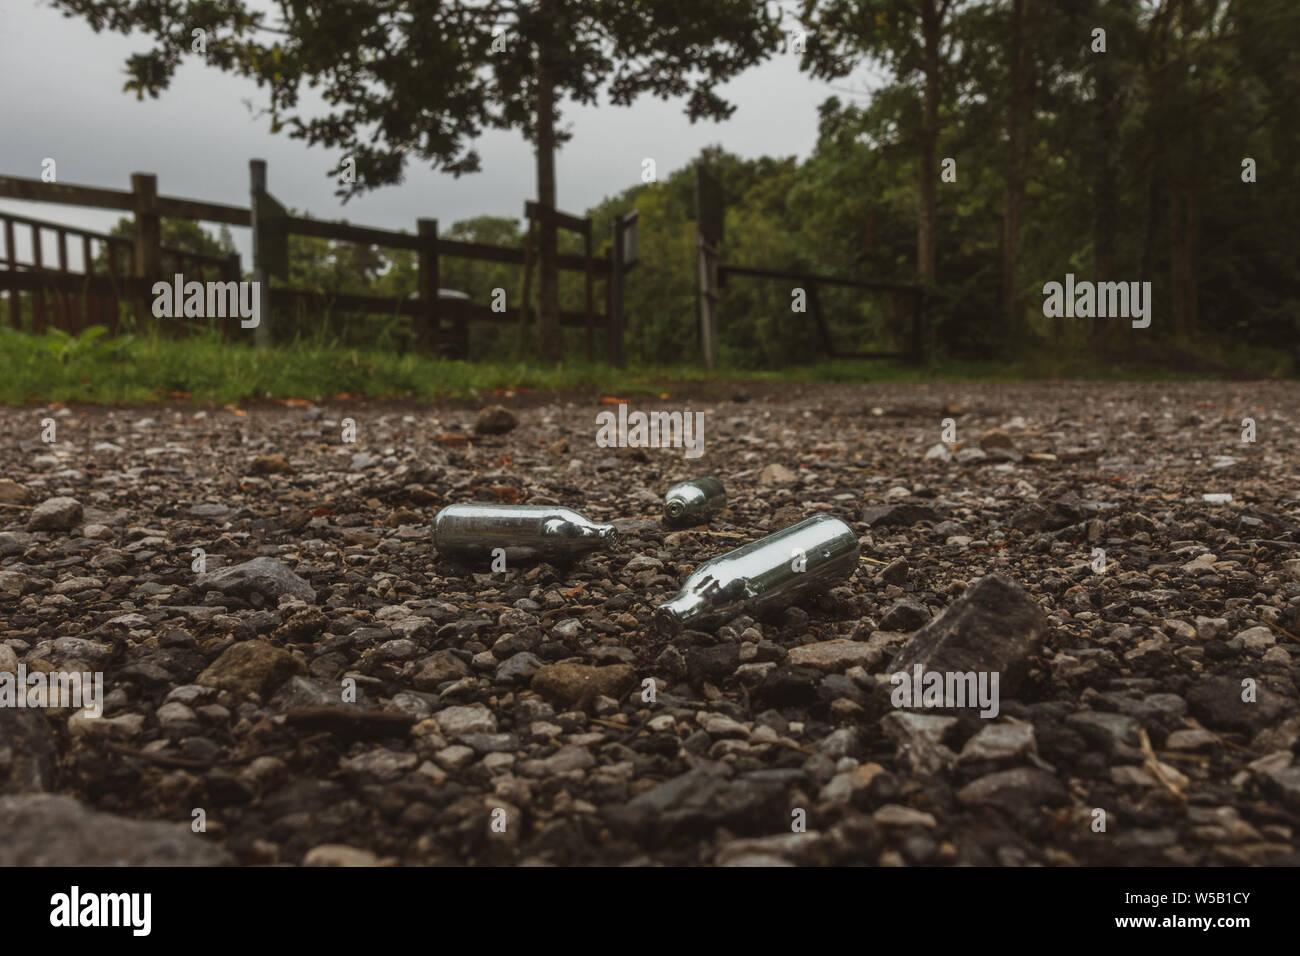 Descartan cannisters gas de óxido nitroso (gas hilarante) usada como una droga recreativa, en un parque en una zona rural. UK Foto de stock